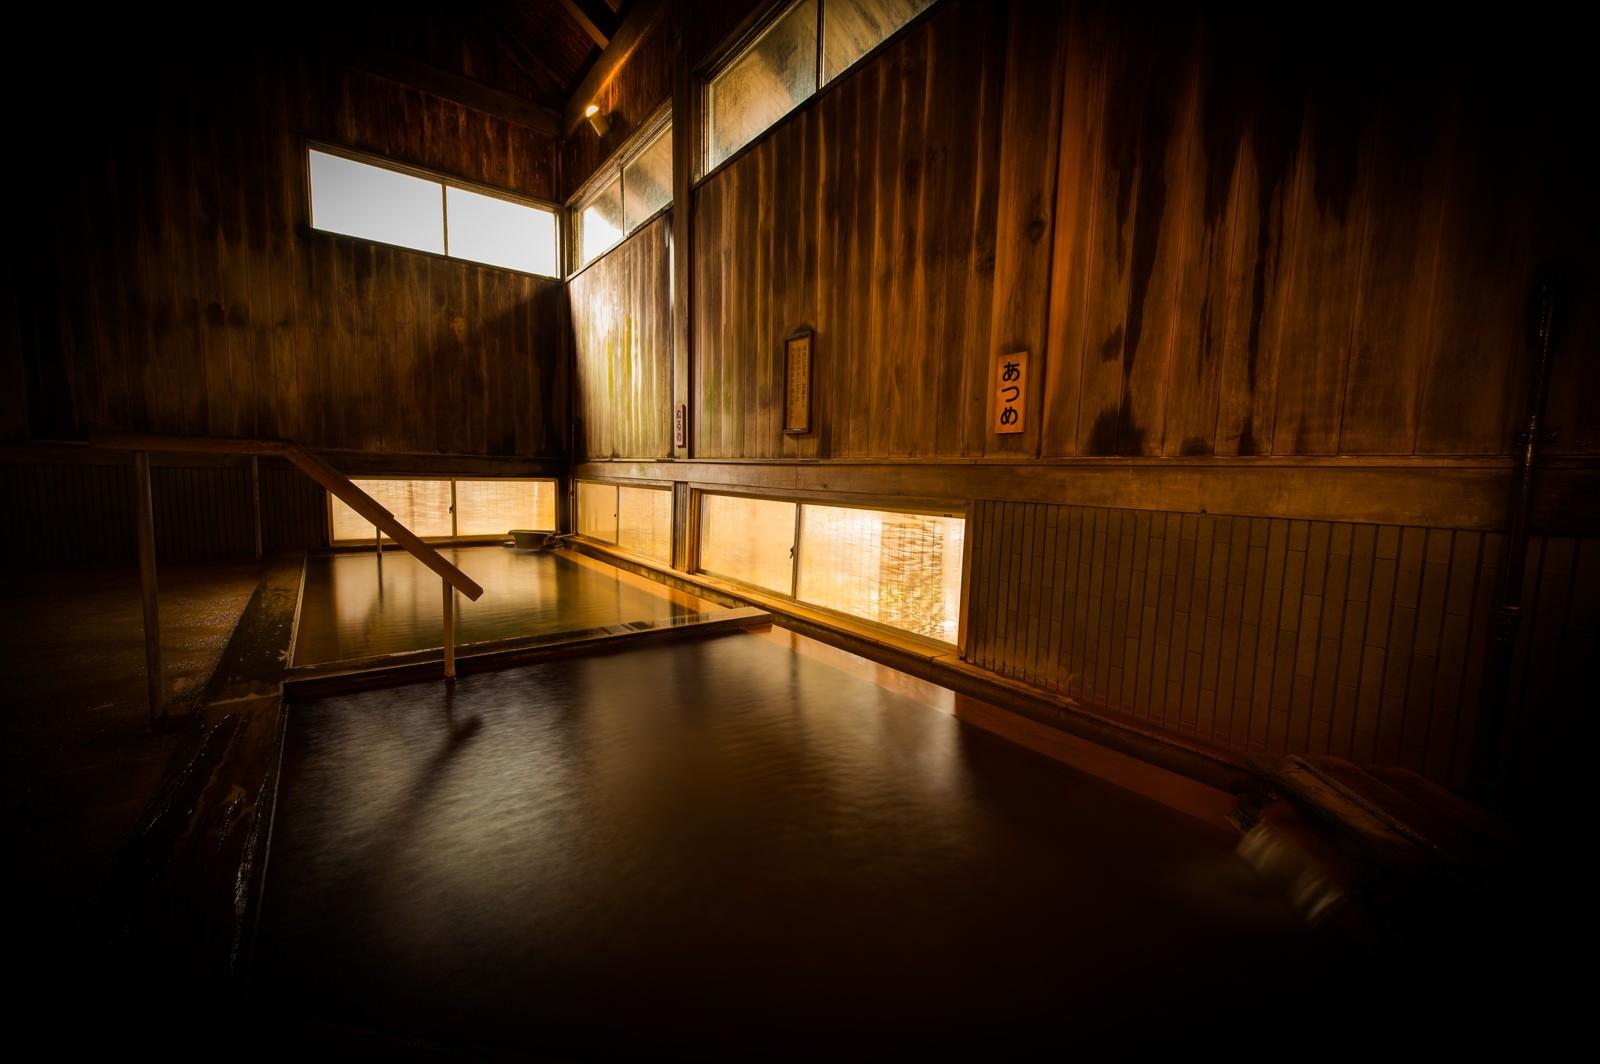 「湯治としての歴史が深い平湯温泉の老舗宿の内湯」の写真